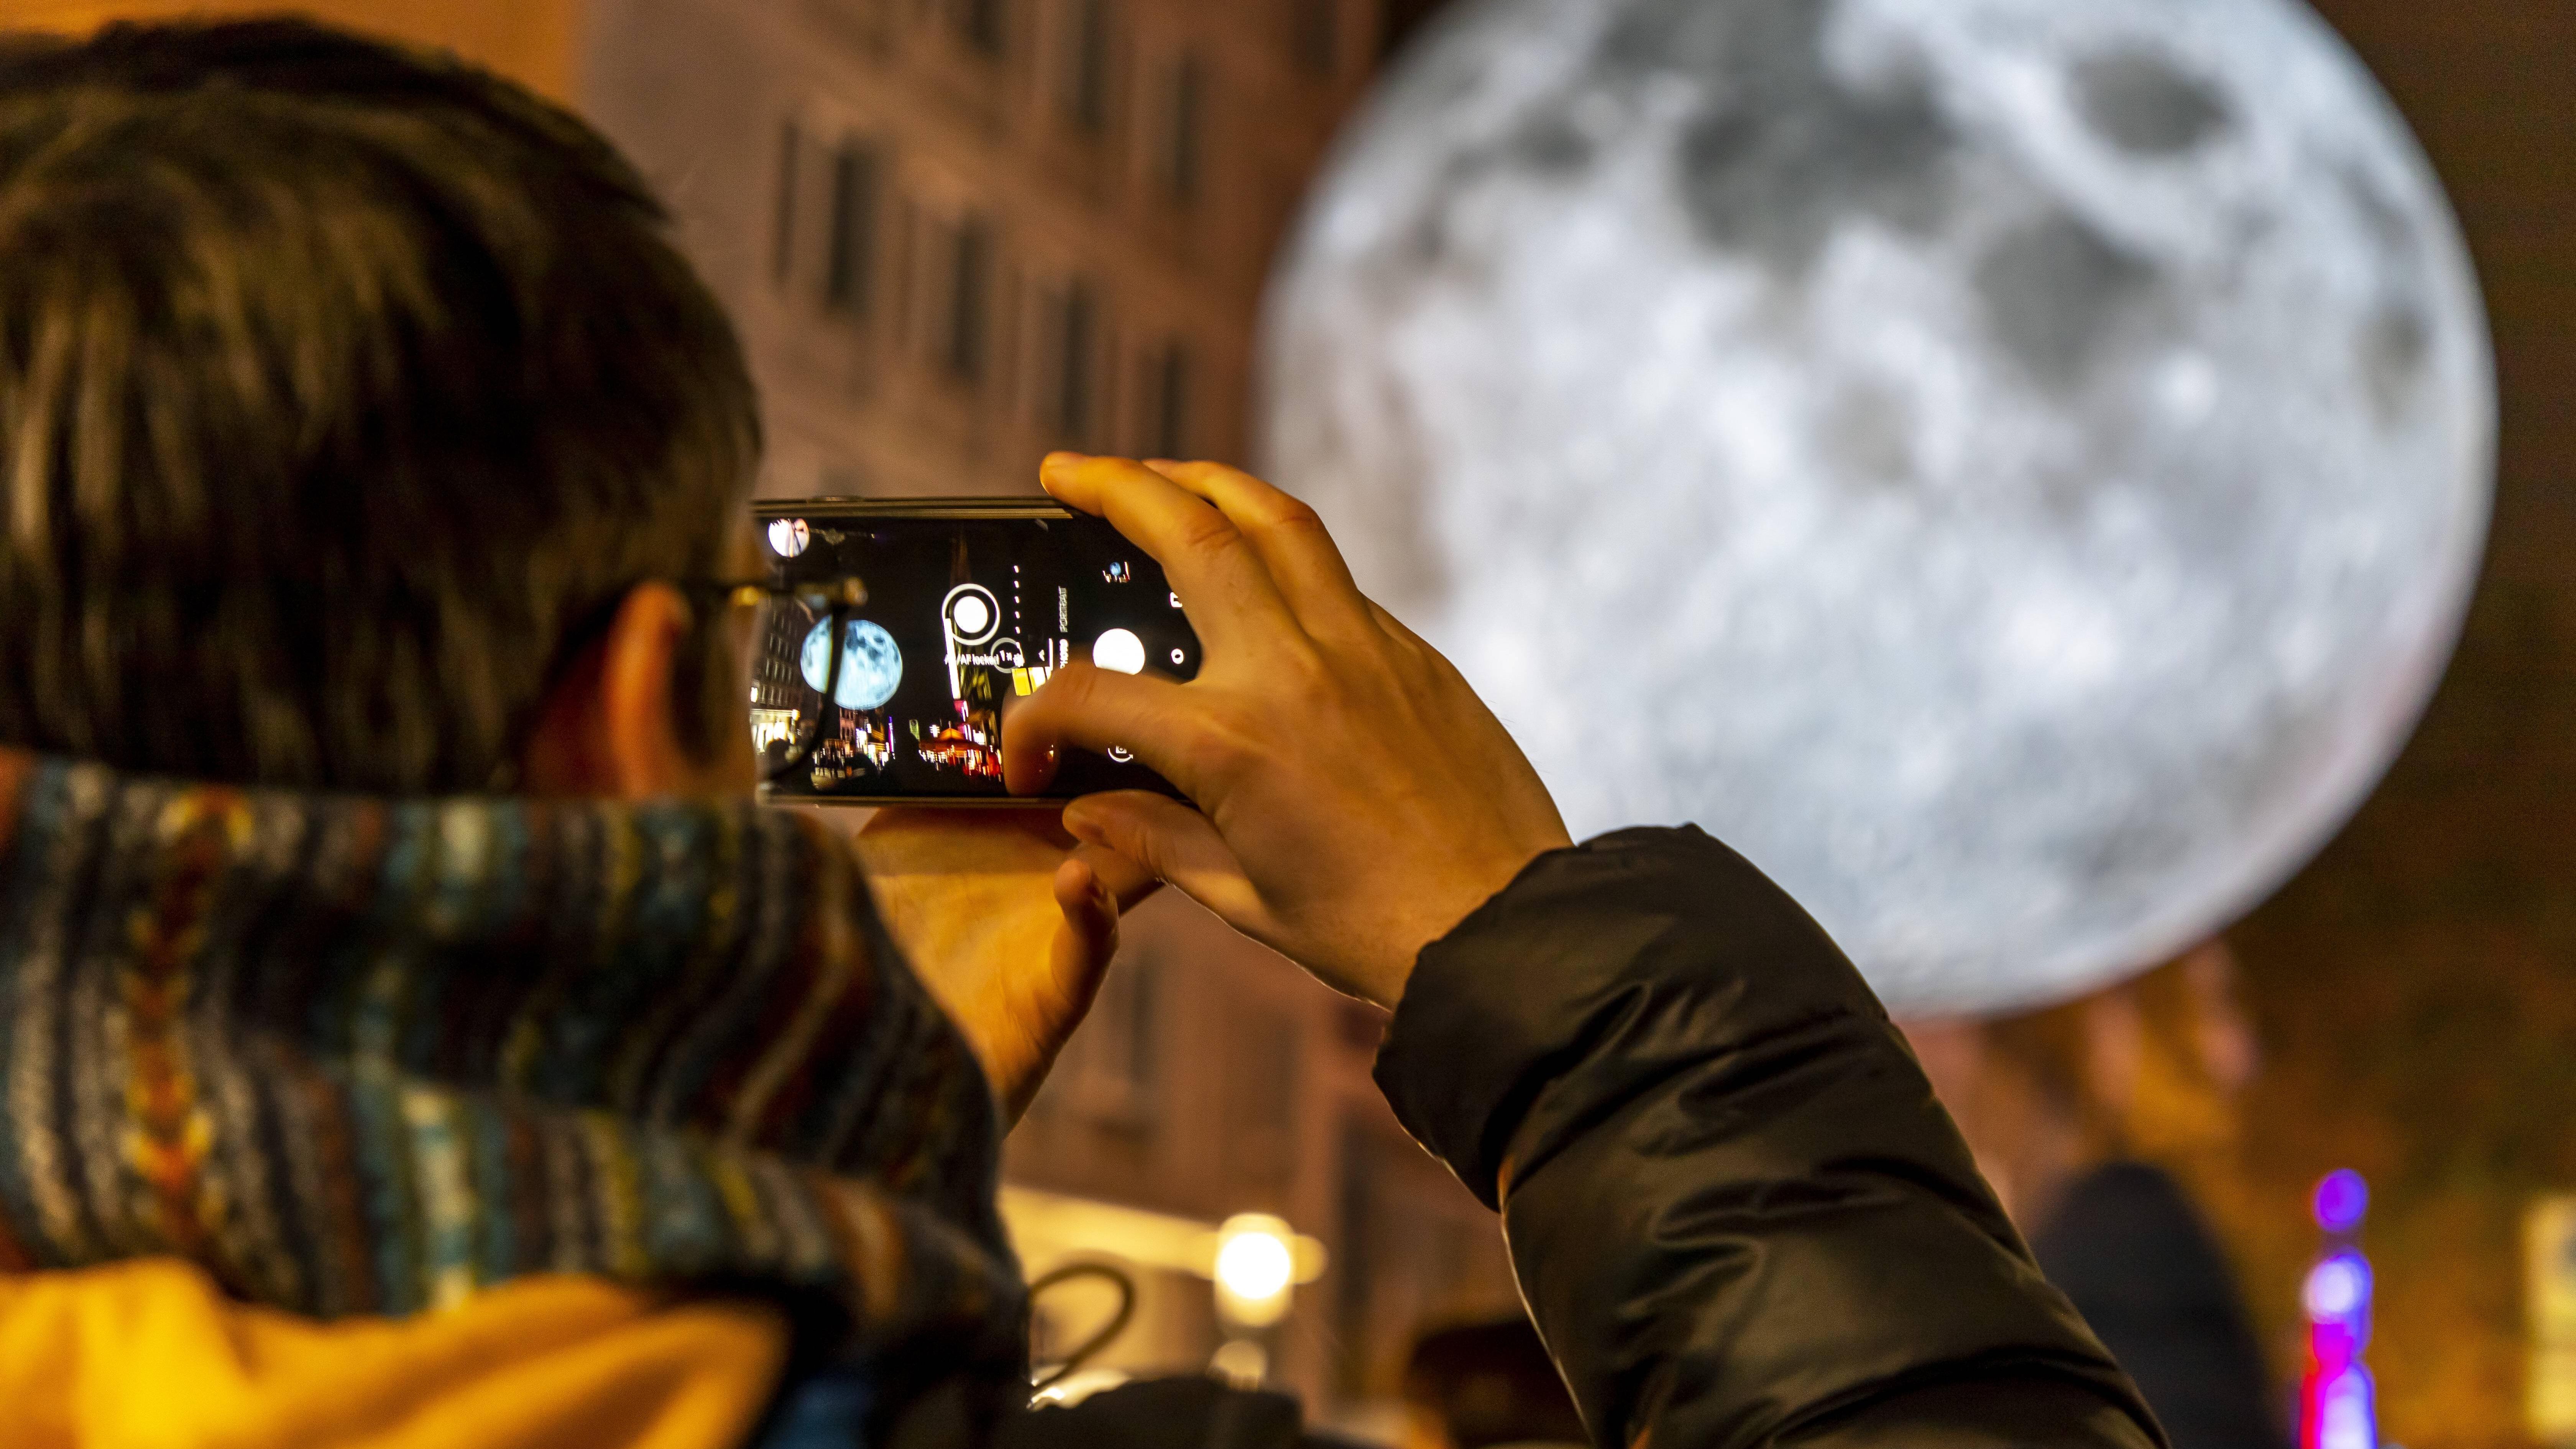 Mond mit dem Handy fotografieren: So geht's